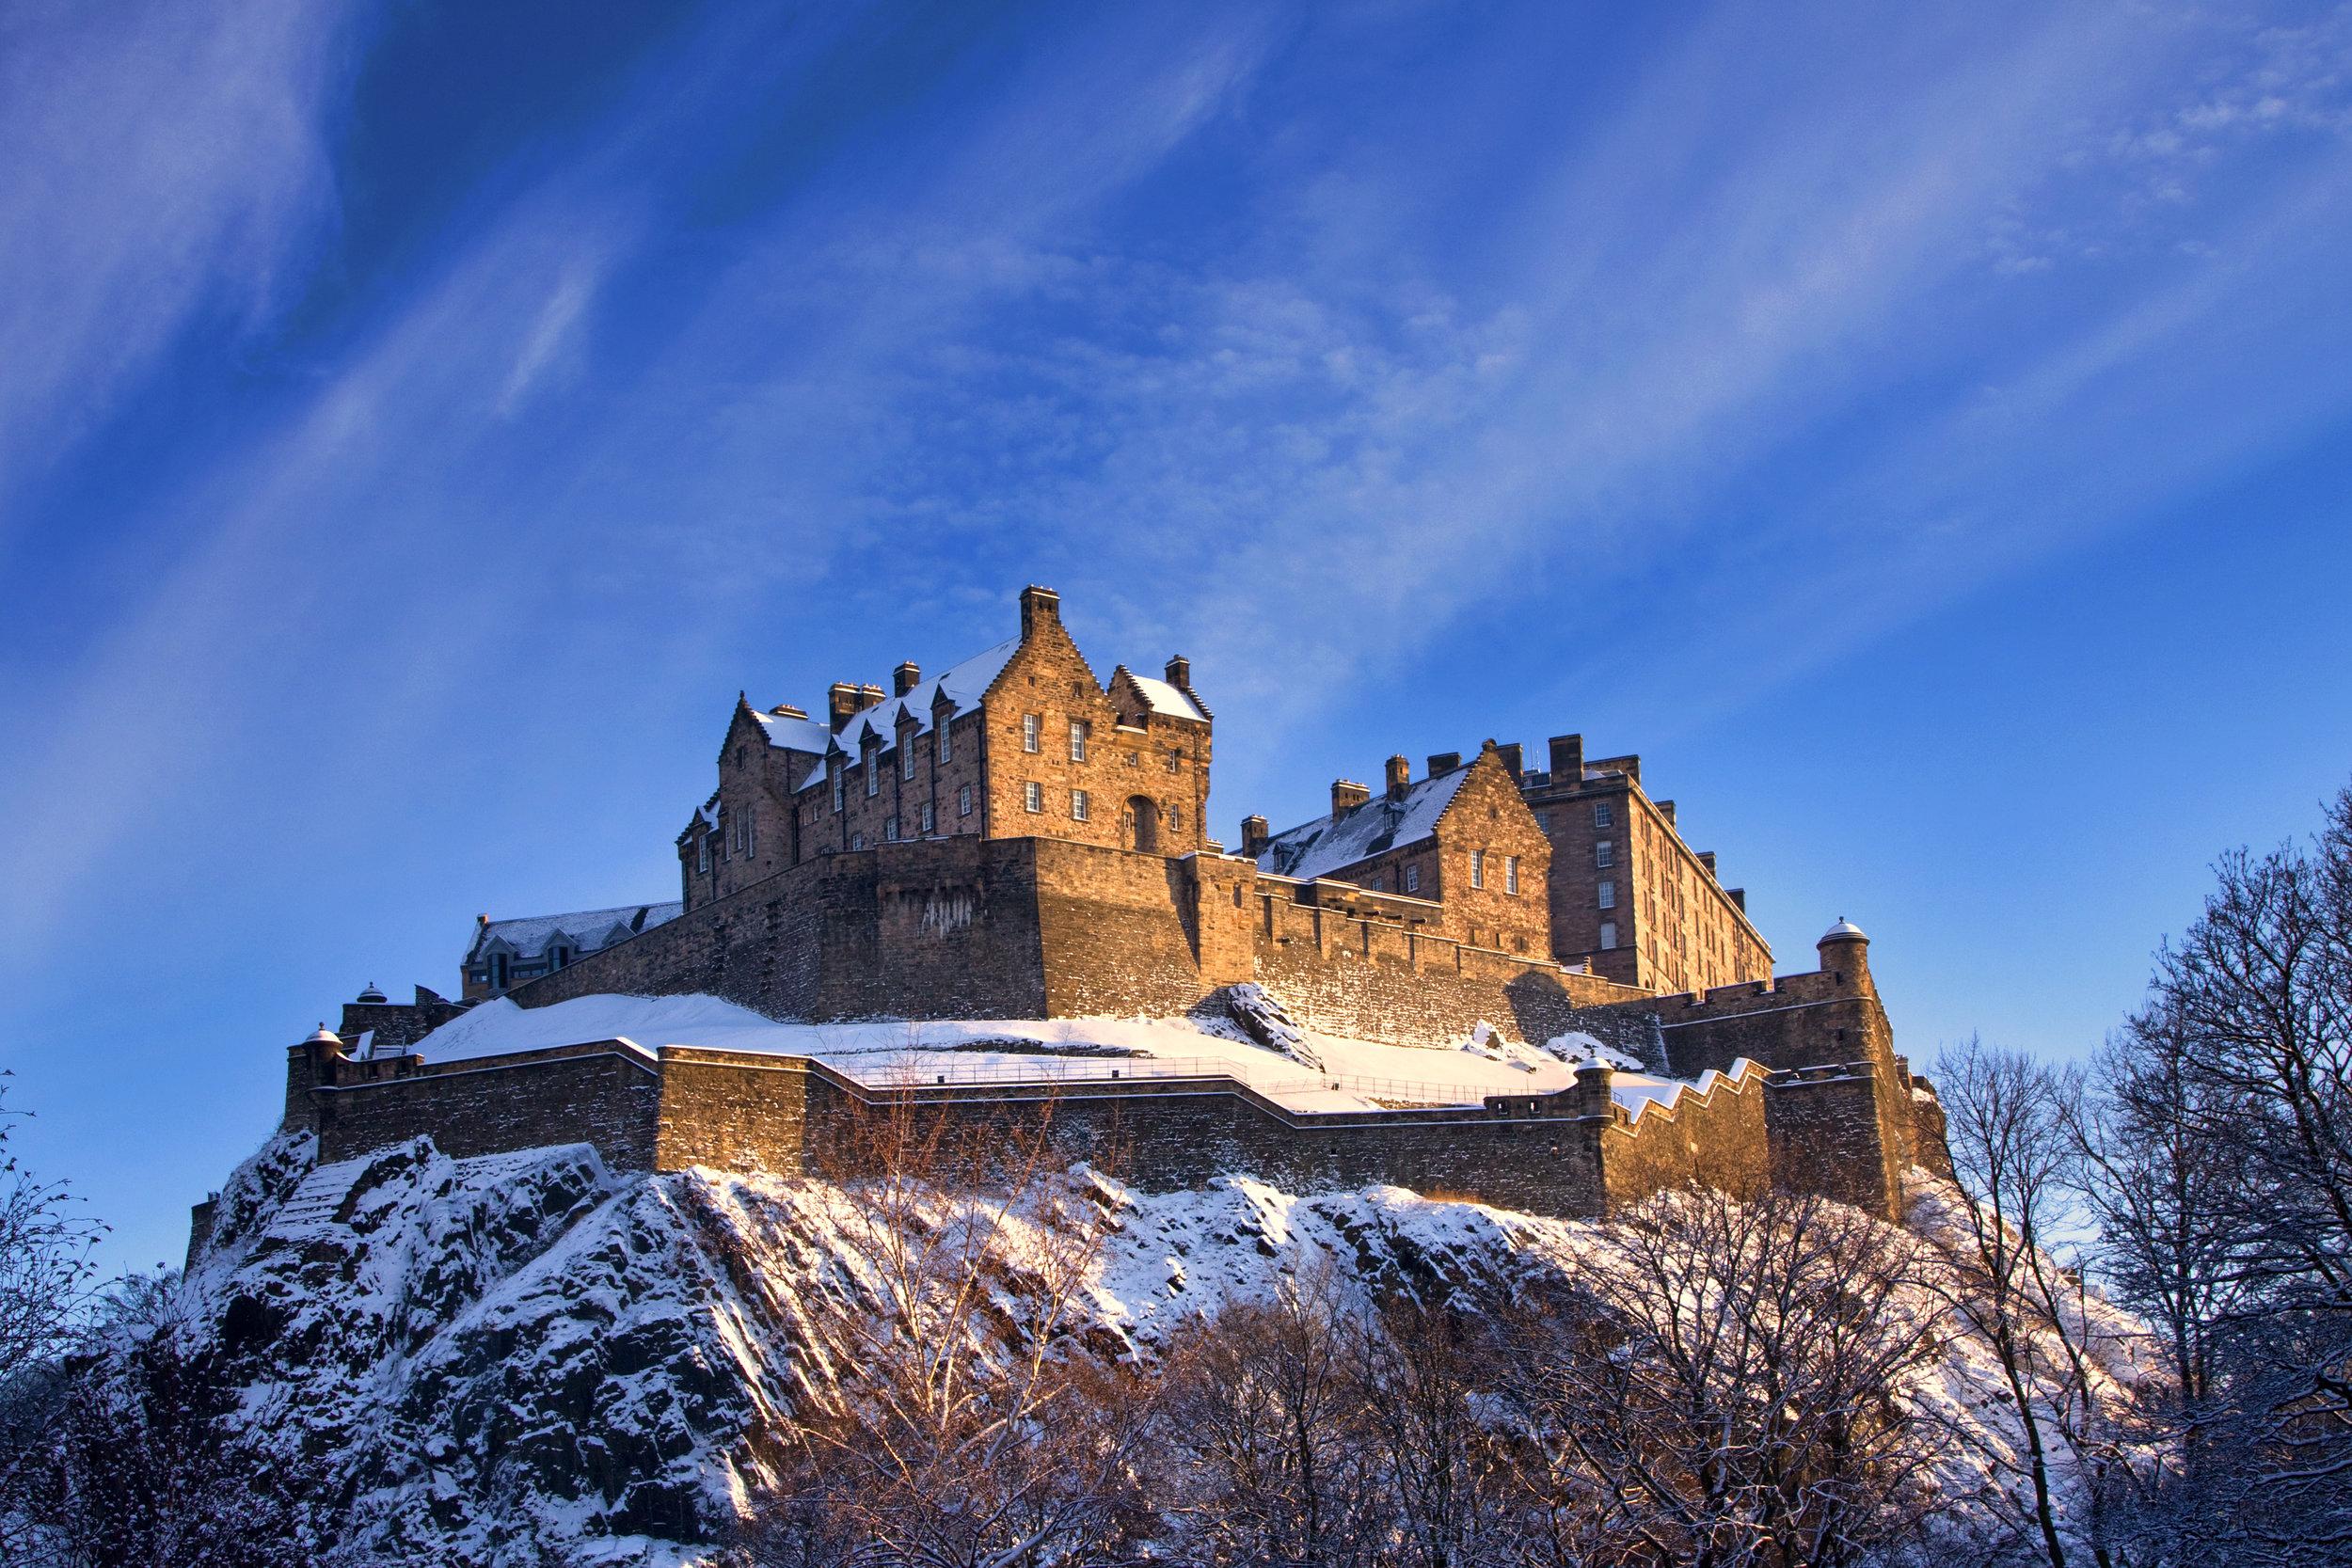 skottland_bigstock-Edinburgh-Castle-In-Winter-Sun-21605783.jpg